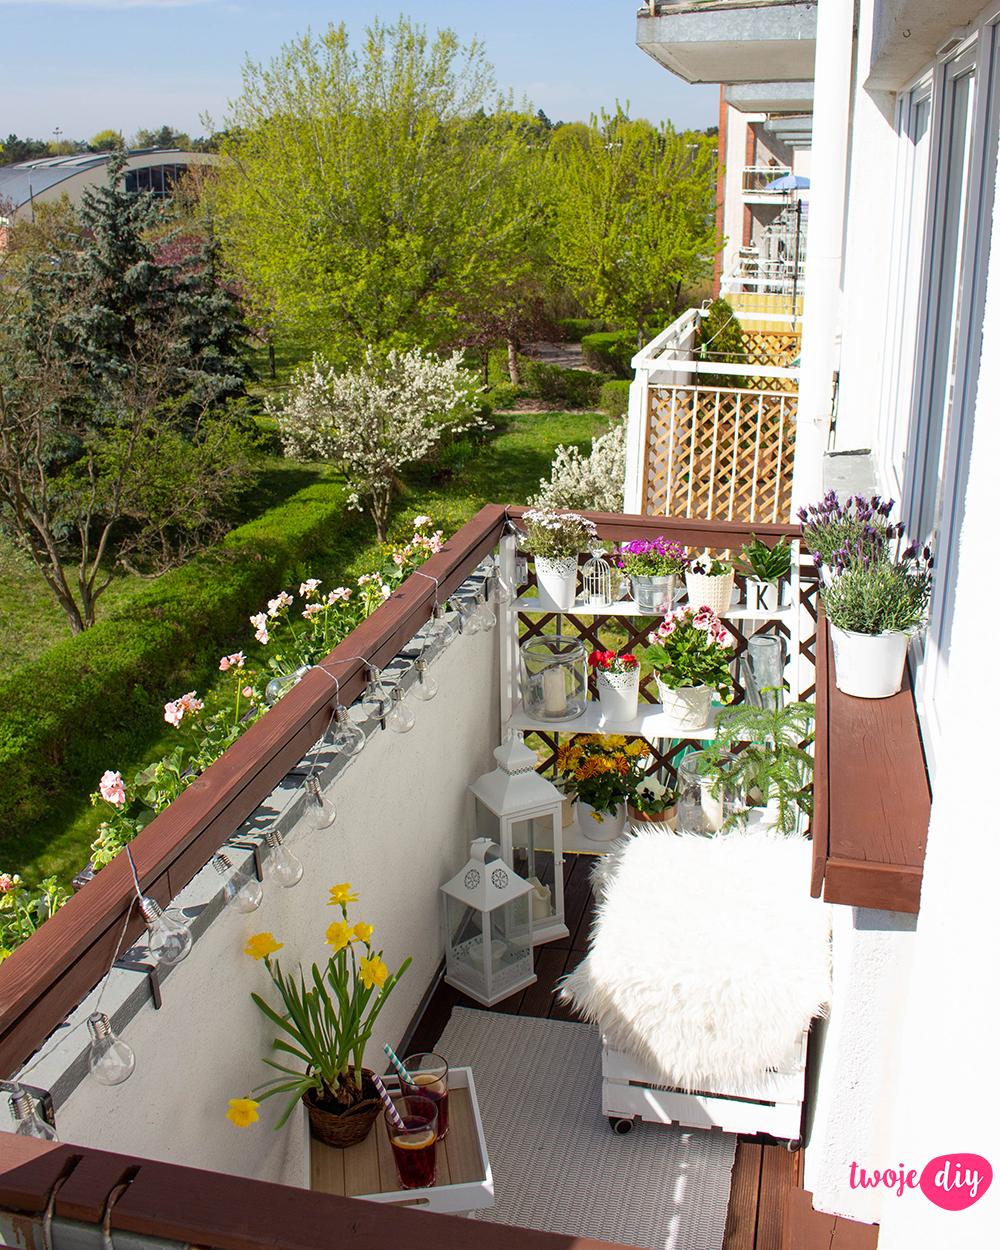 Akcja Balkon Malowanie Barierek Olejowanie Podlogi I Aranzacja Twoje Diy Balcony Decor Studio Apartment Decorating Beautiful Outdoor Spaces